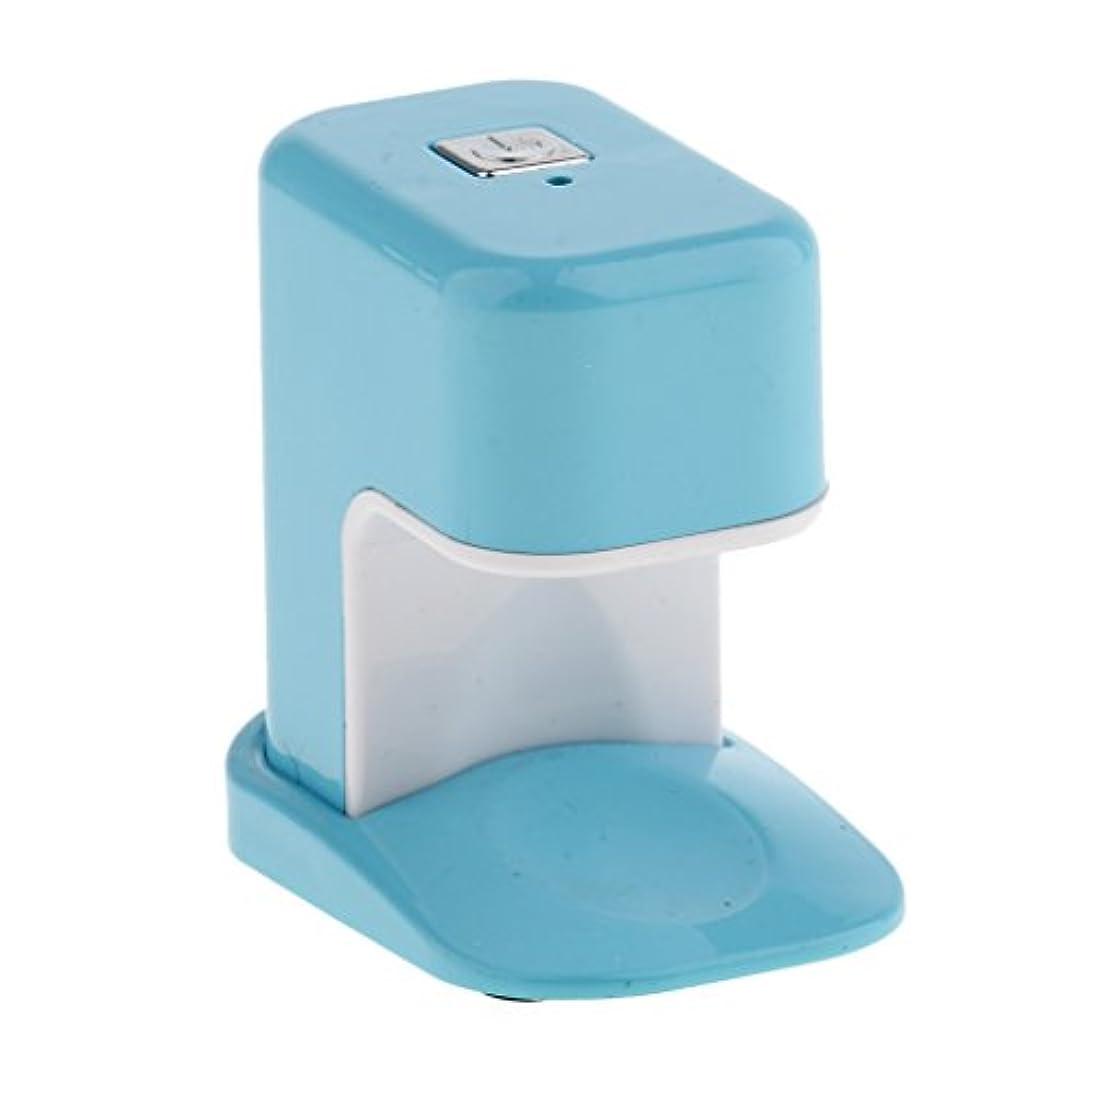 アーサーコナンドイルブロッサムブラウンBaosity ネイルドライヤー USBケーブル ミニ ABS製 3W LED電球 ランプ ポケット アクリル UV プリセット30秒タイマーON / OFF 3色選べ - 青